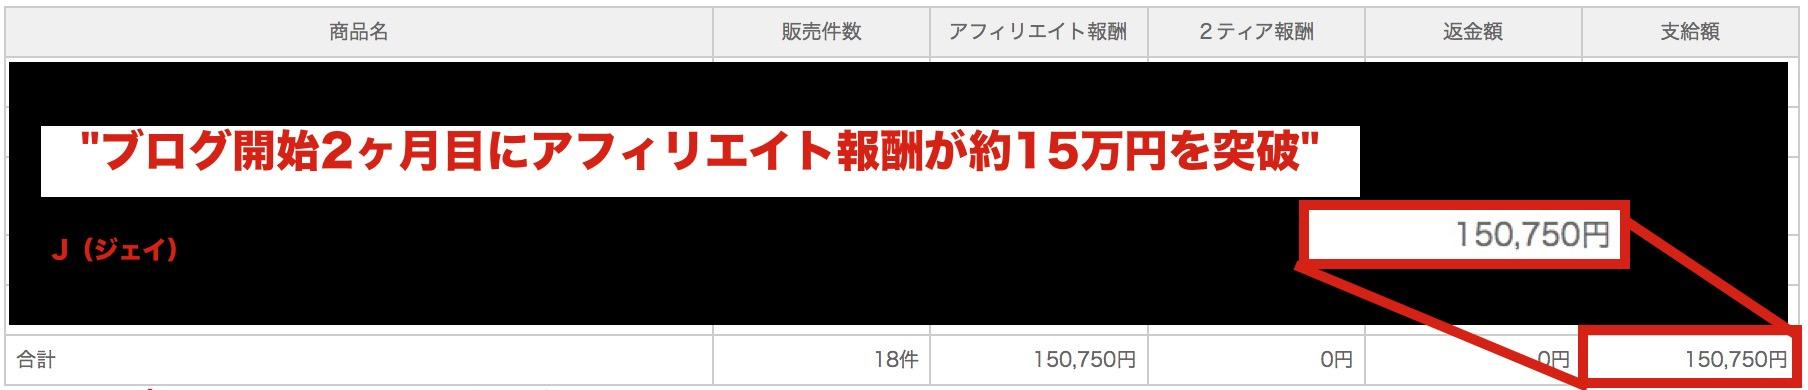 (ブログ開始2ヶ月目にアフィリエイト報酬が約15万円を突破‥)